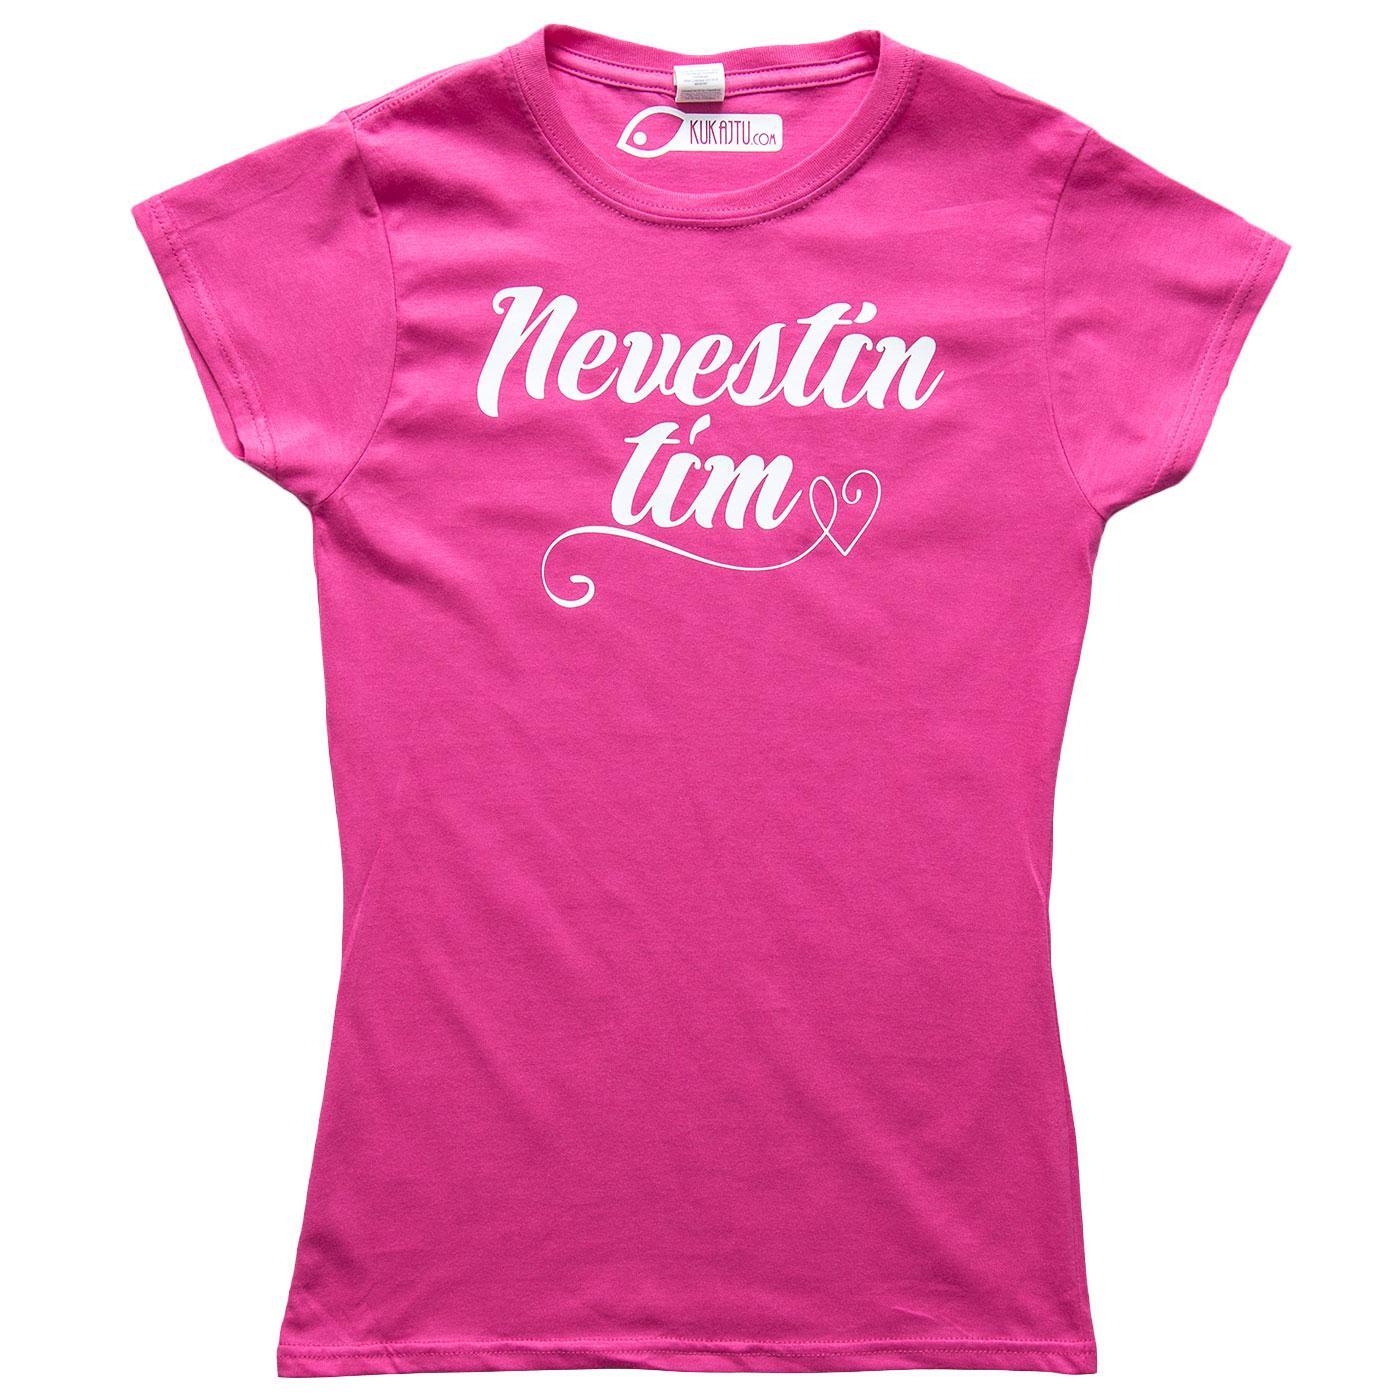 Nevestička a Ženích ♥ - trička na želanie podľa vlastných predstáv - Nevestin tím